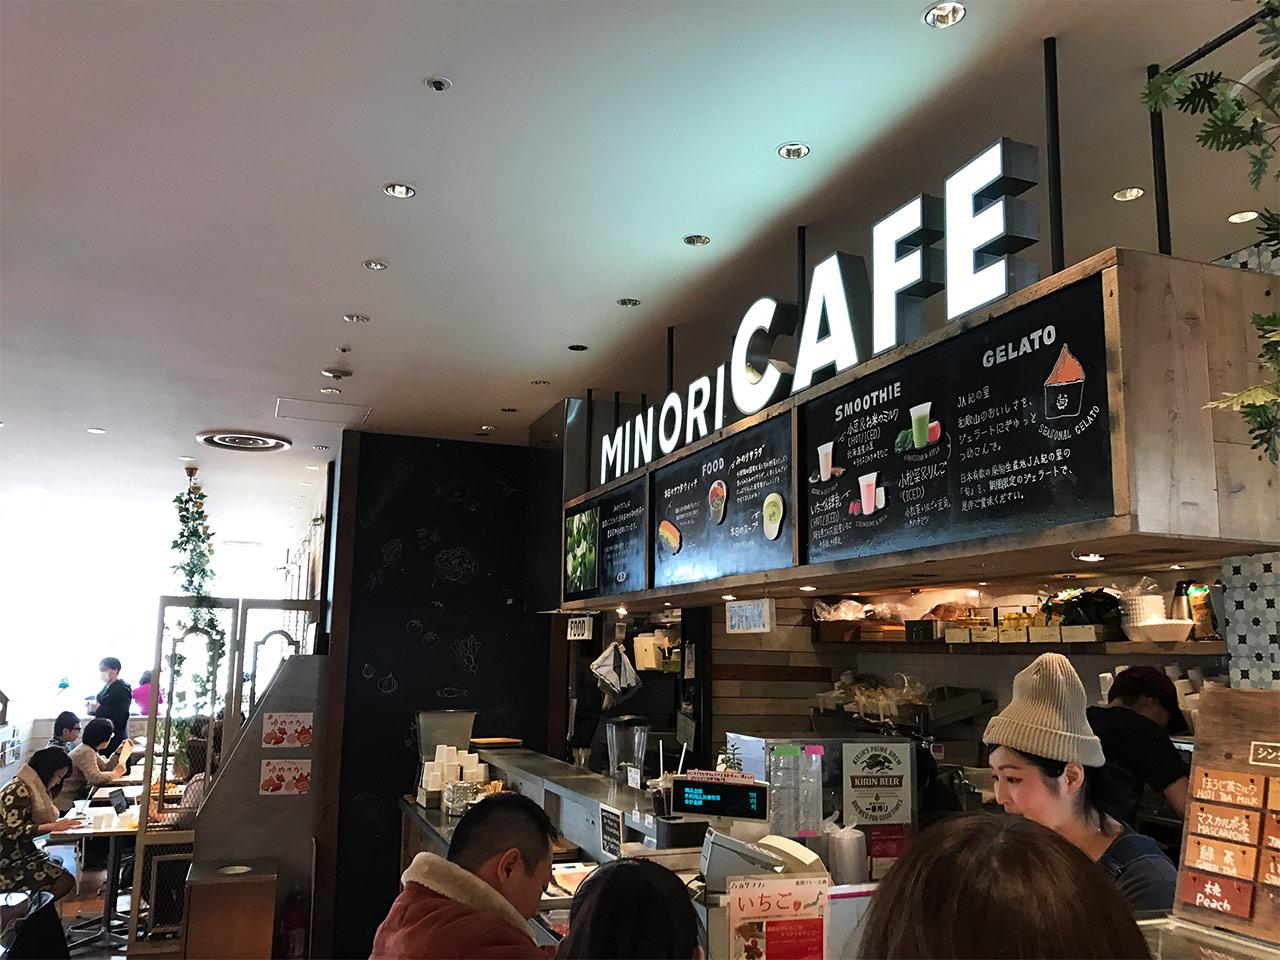 銀座三越「みのりカフェ」の外観